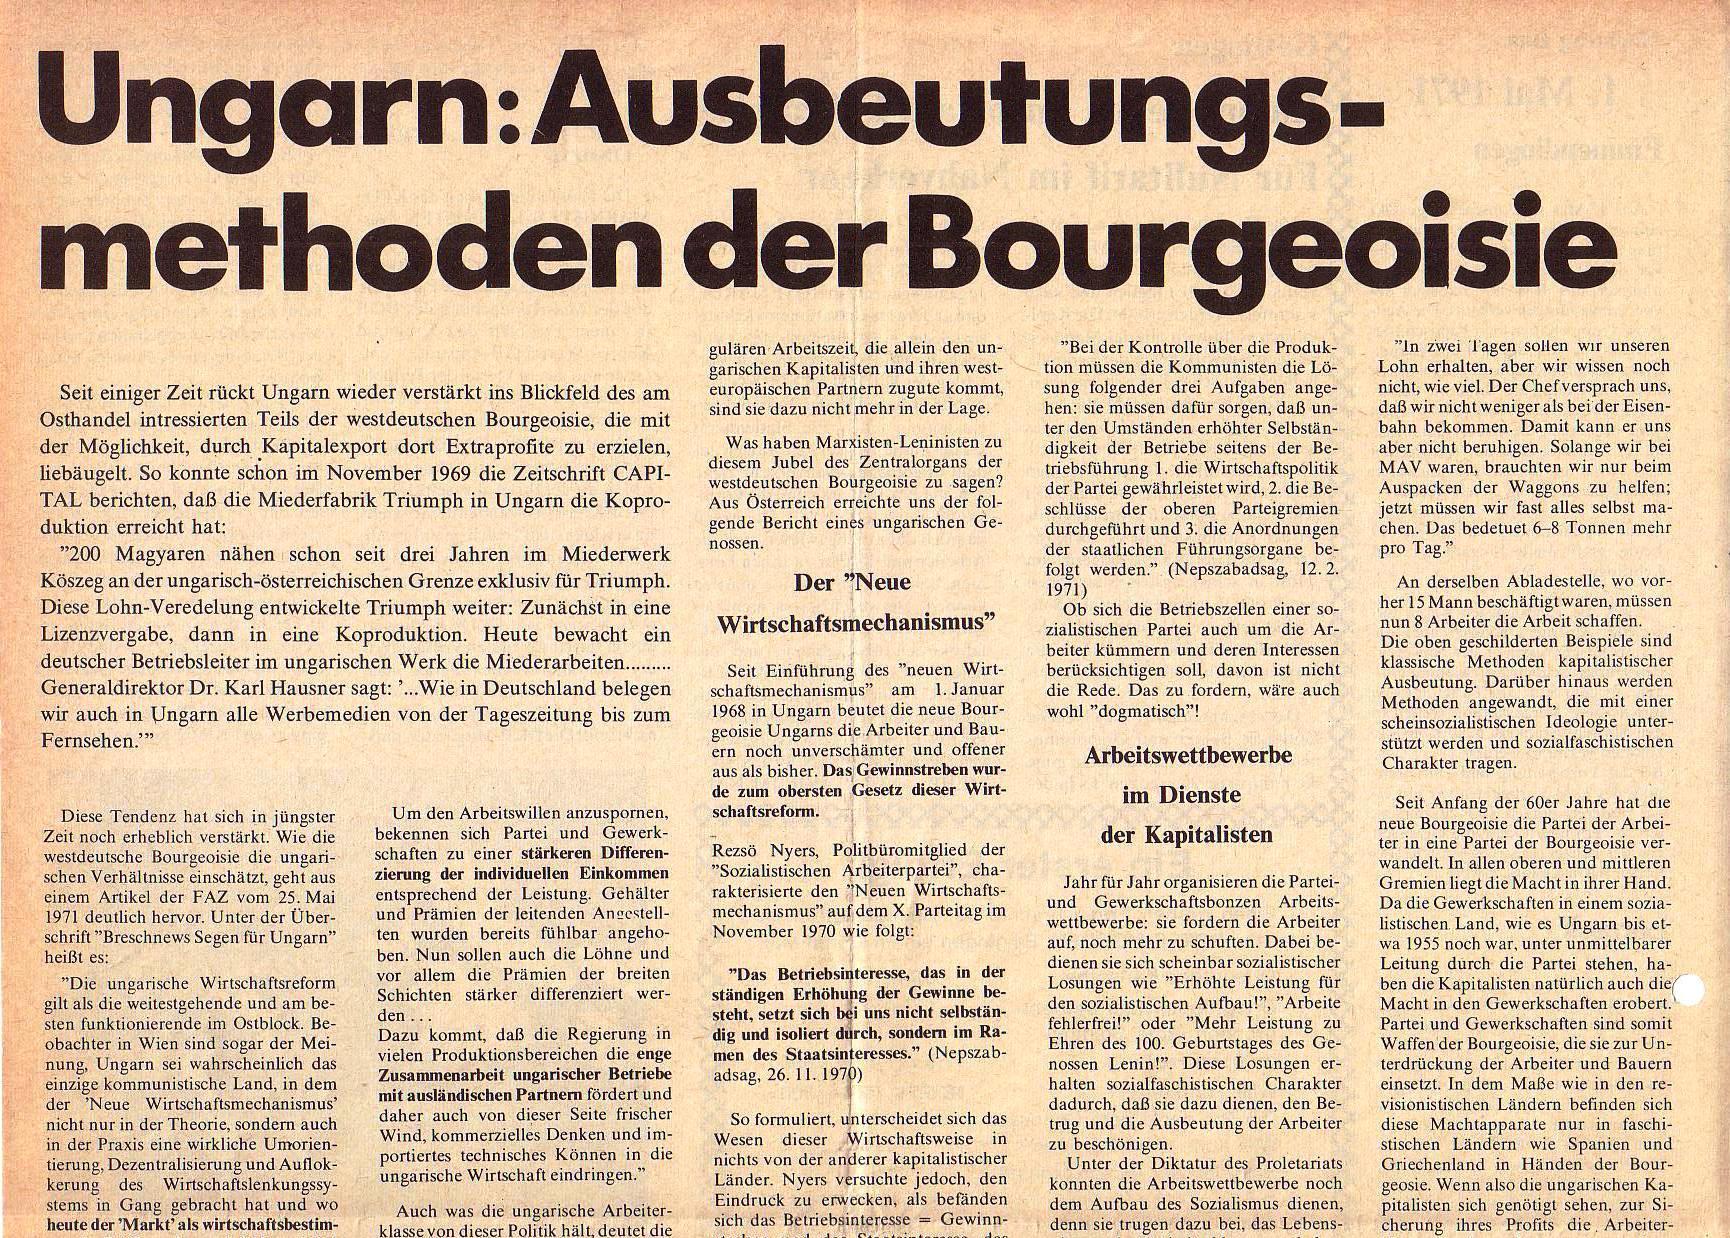 Roter Morgen, 5. Jg., Juni 1971, Nr. 6, Seite 6a